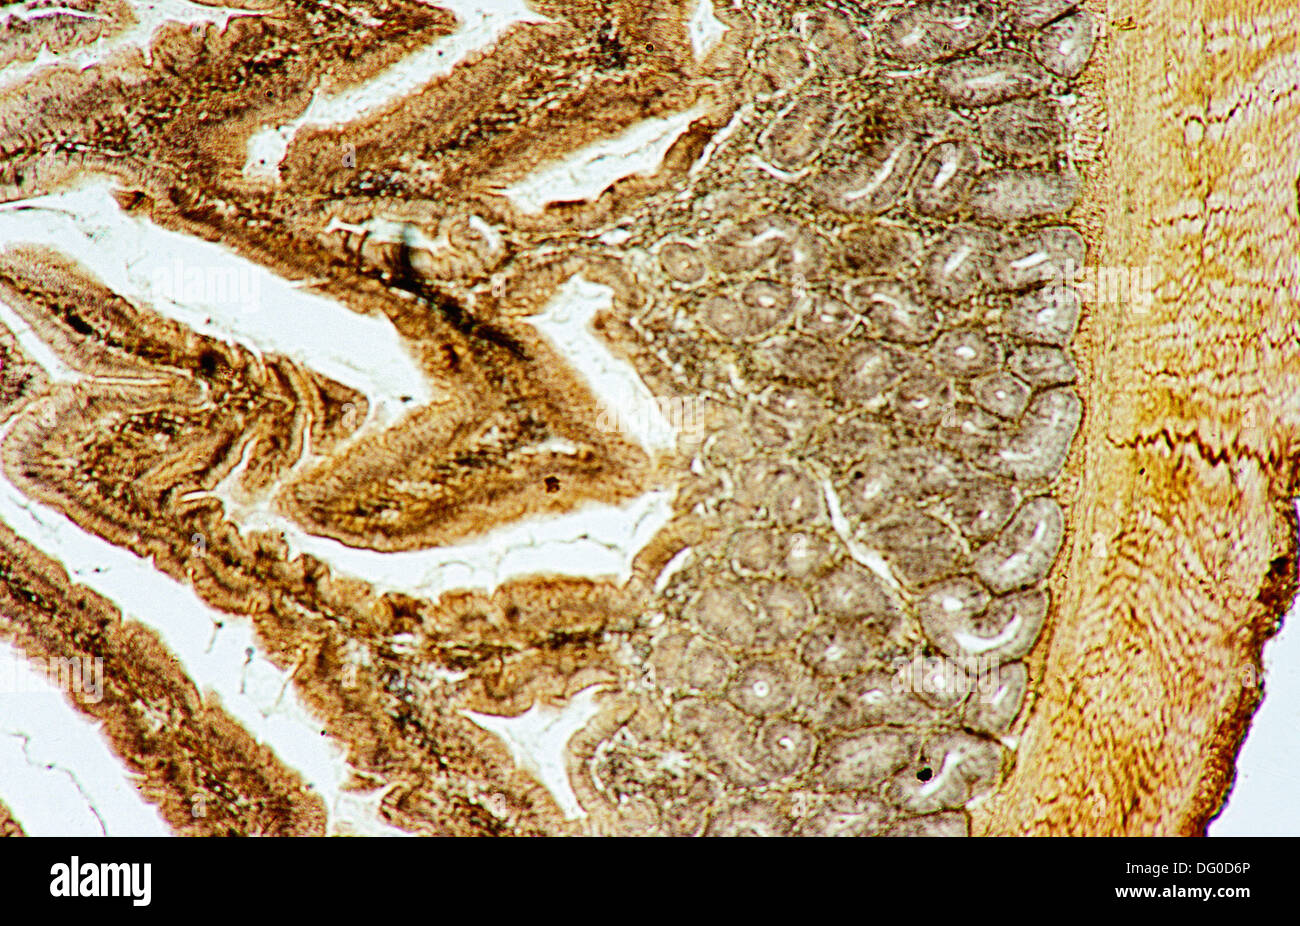 Le pancréas d'oiseaux, 100 X microscope optique, la photomicrographie, histologie, enzymes digestives Photo Stock